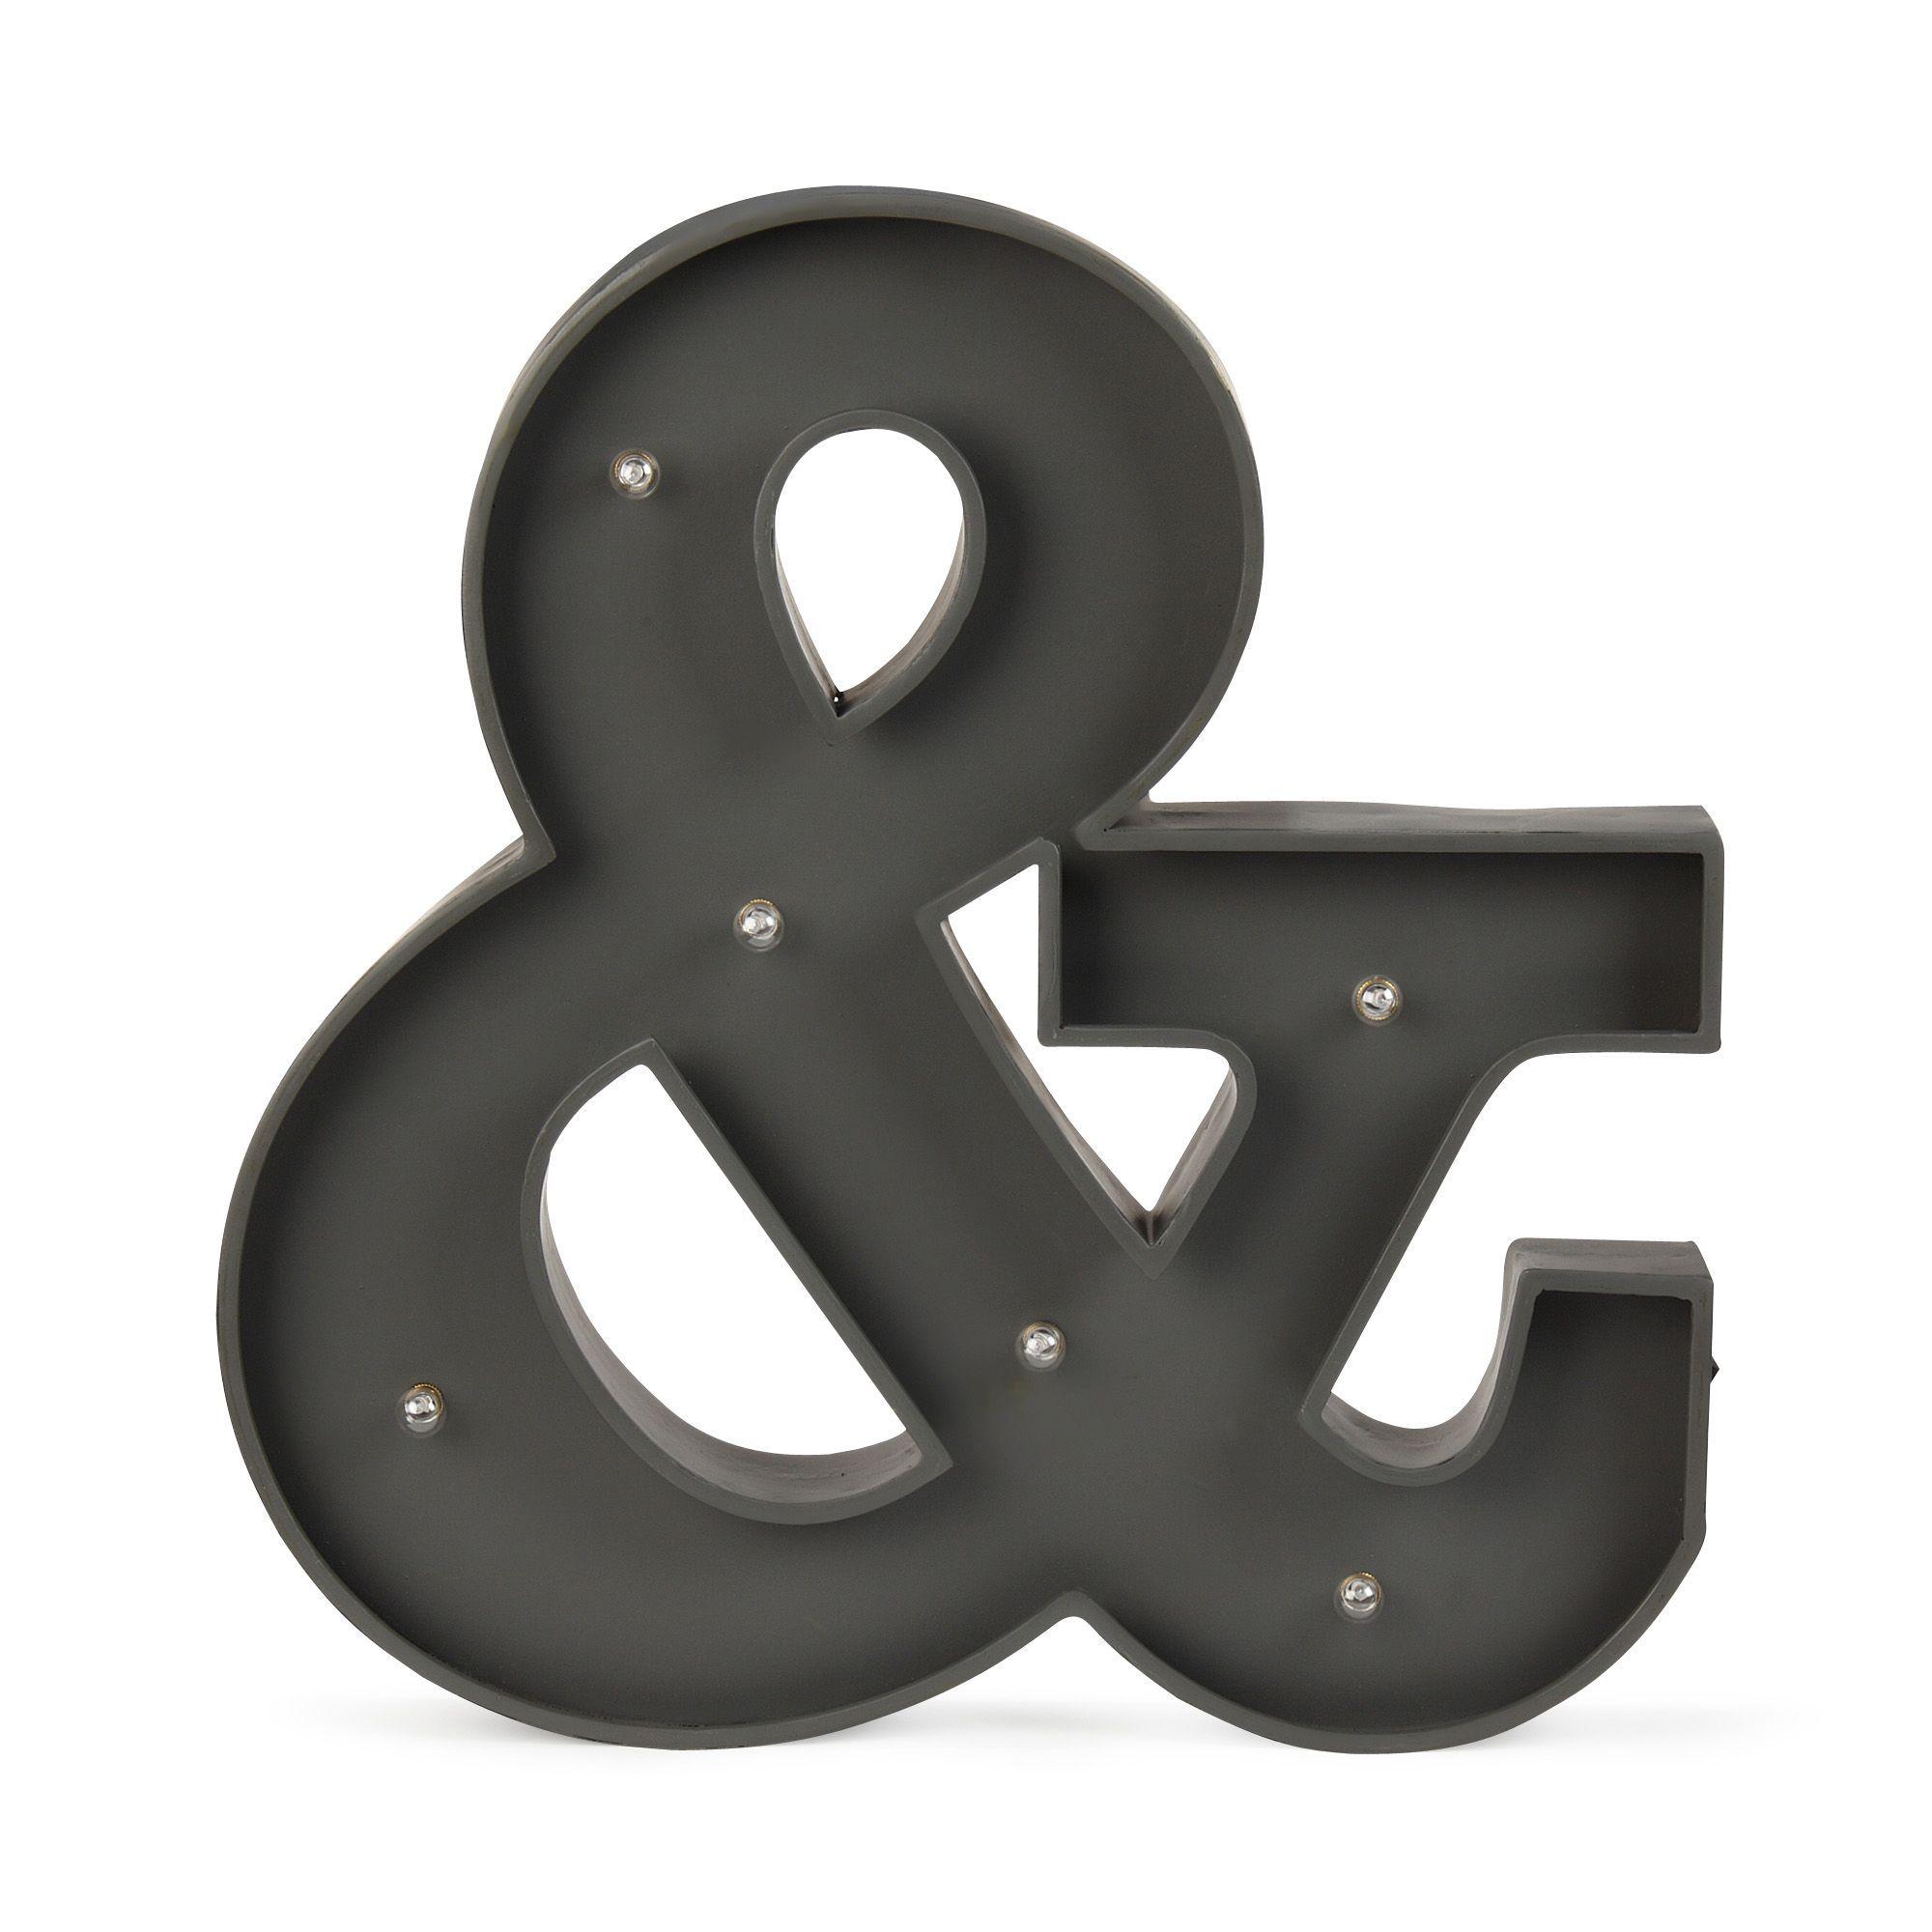 objet d coratif lumineux leds 40x45cm gris et les objets d coratifs vases et objets de. Black Bedroom Furniture Sets. Home Design Ideas